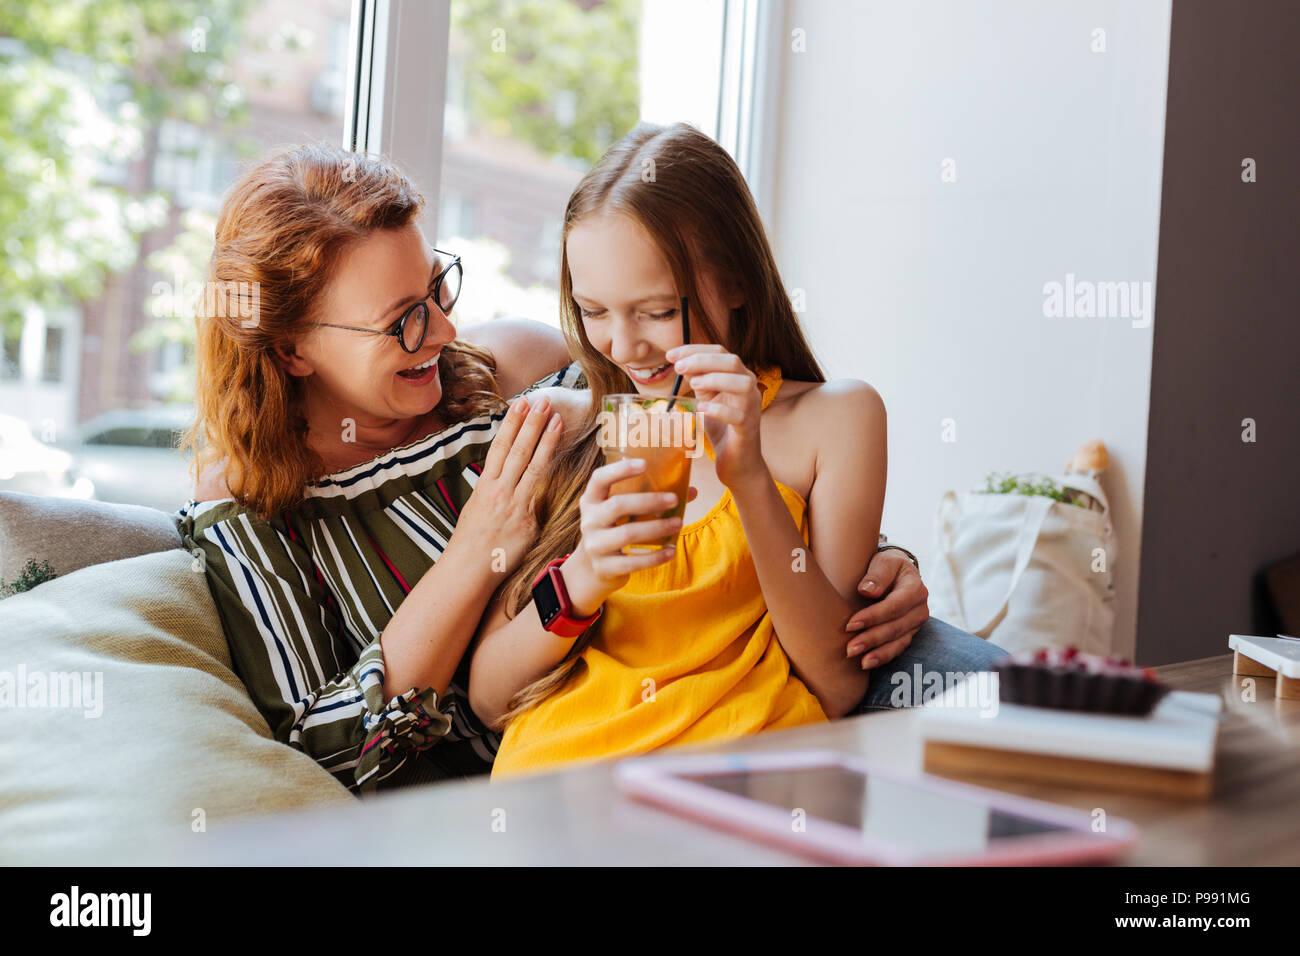 Bionda figlia sorridente bevendo cocktail Immagini Stock